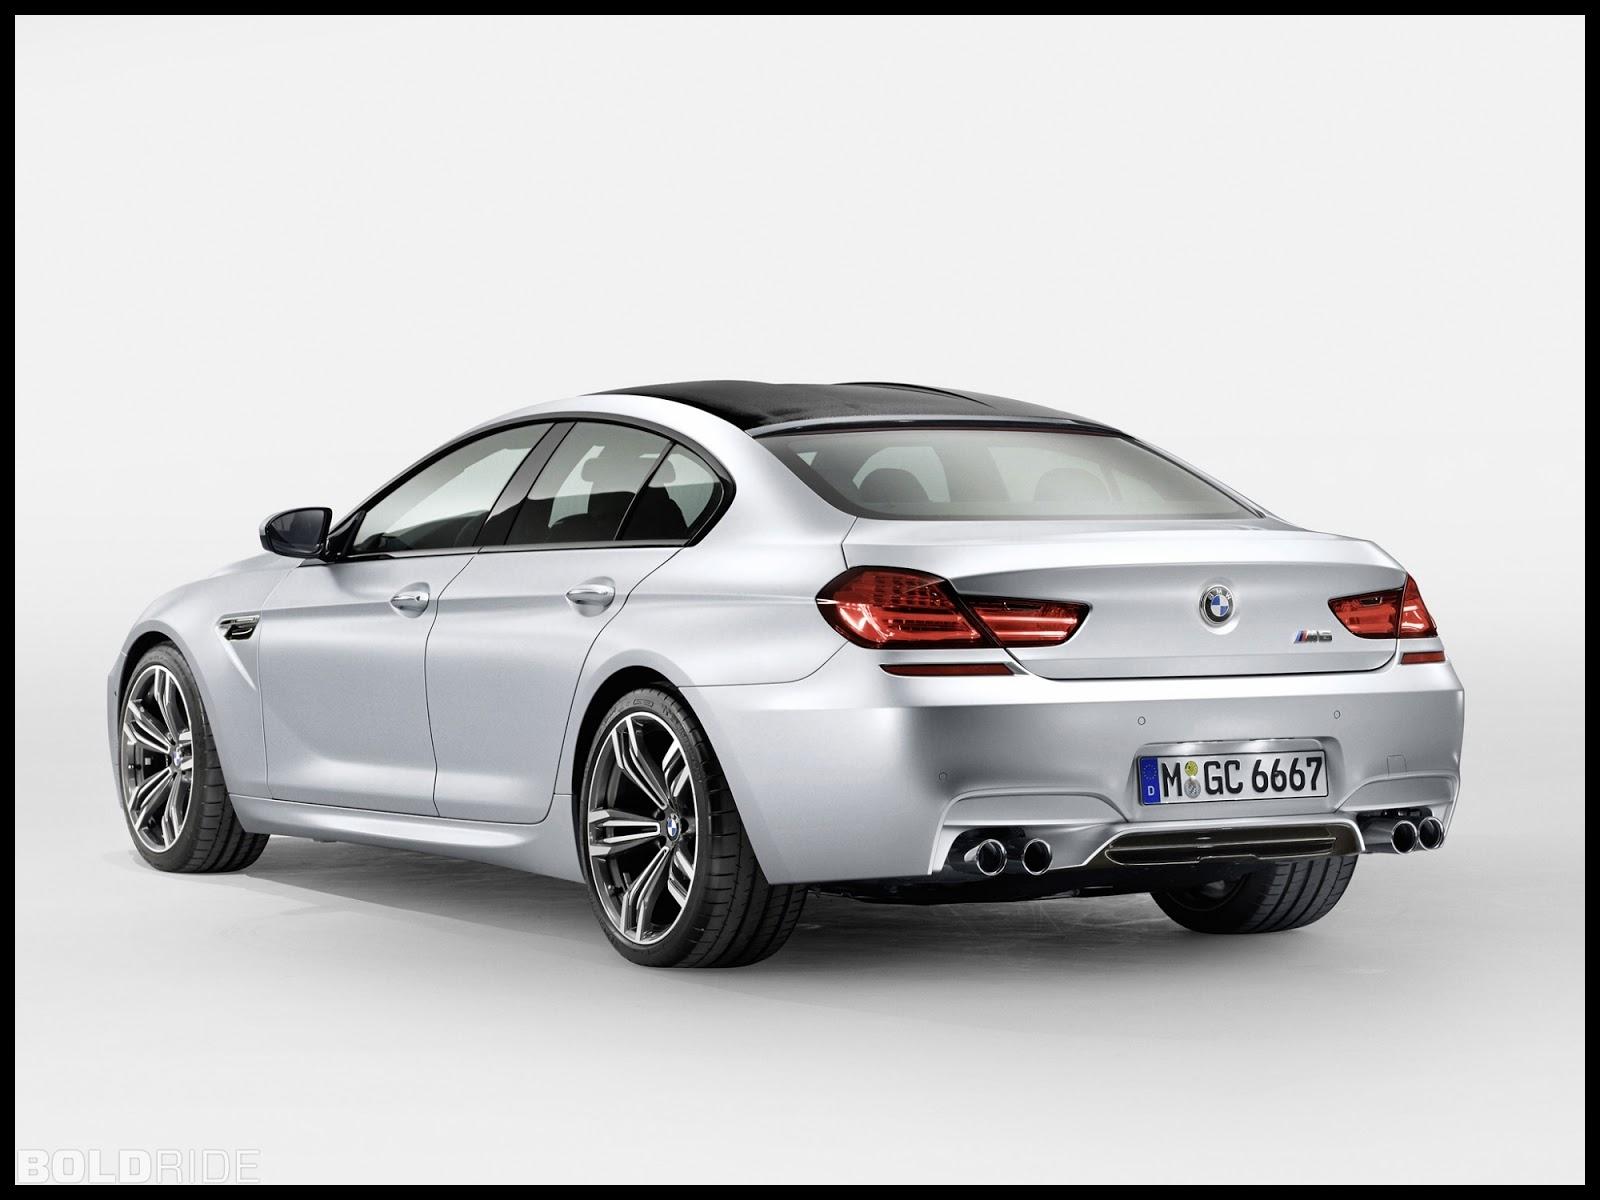 2013 BMW M6 Gran Coupé rear view